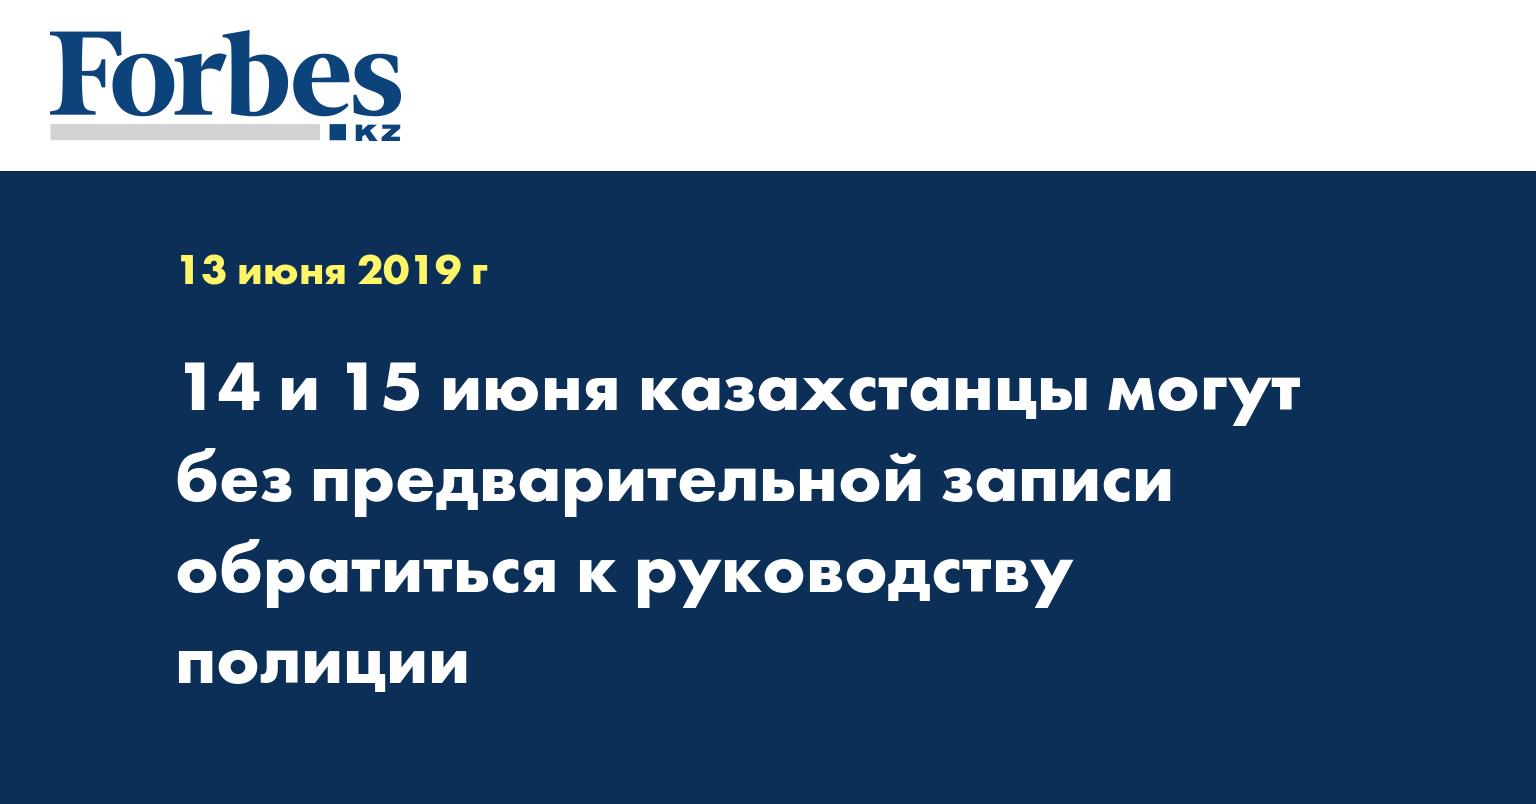 14 и 15 июня казахстанцы могут без предварительной записи обратиться к руководству полиции